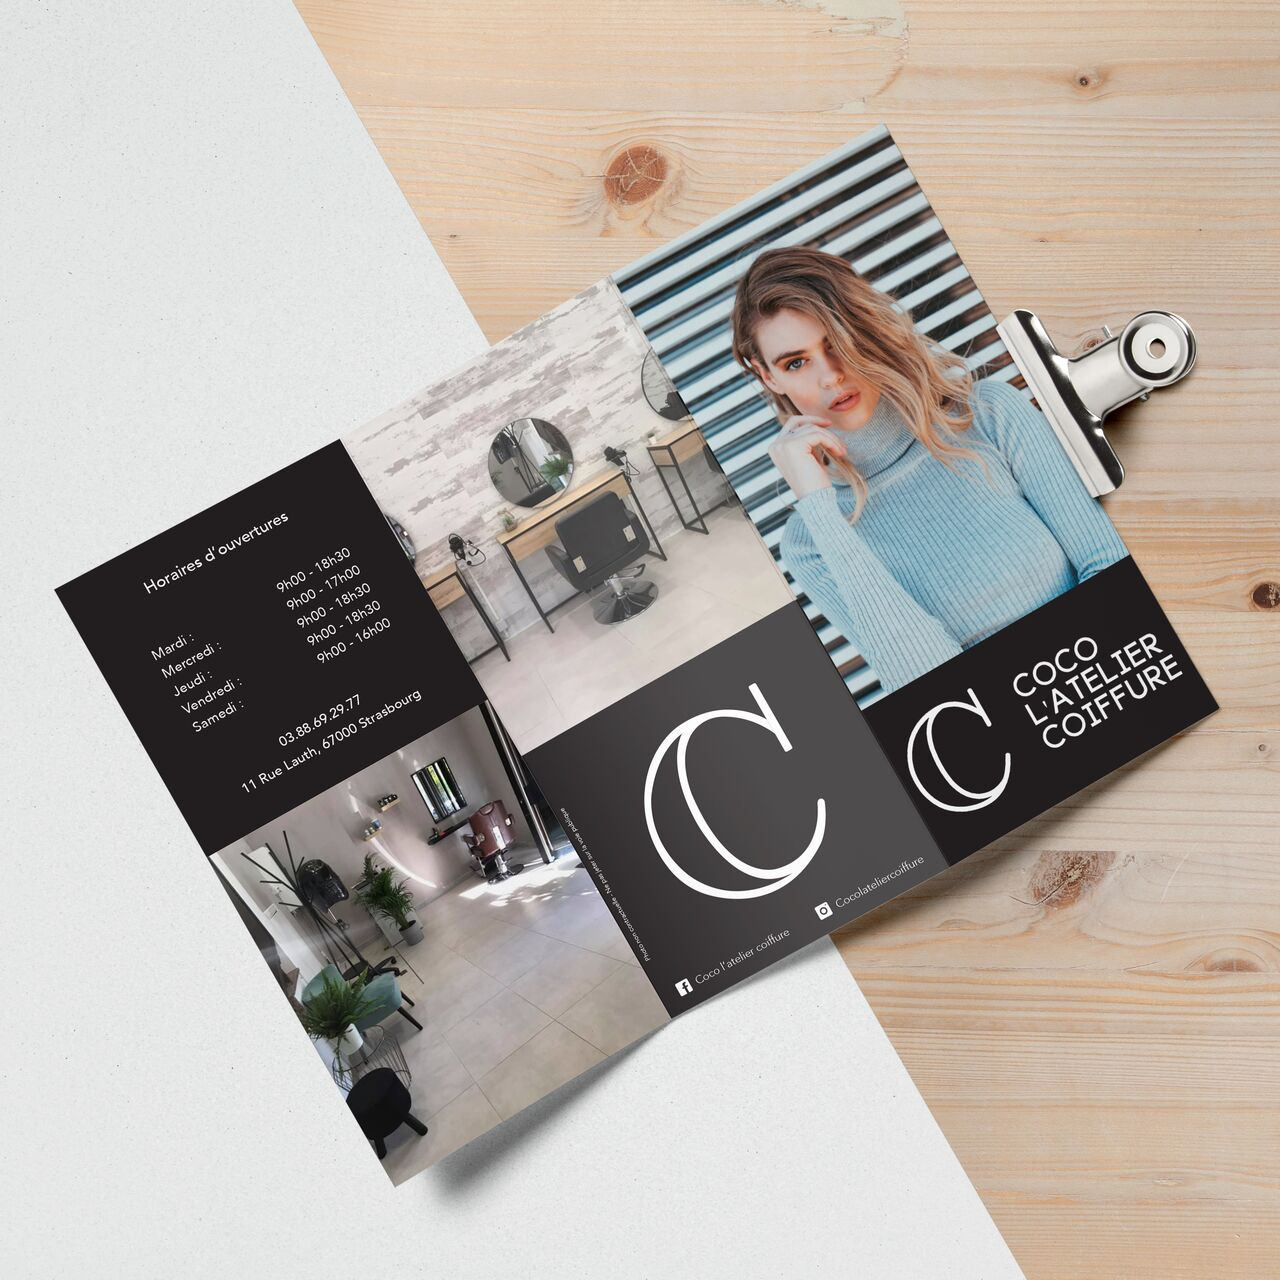 Dépliants Coco L'Atelier Coiffure